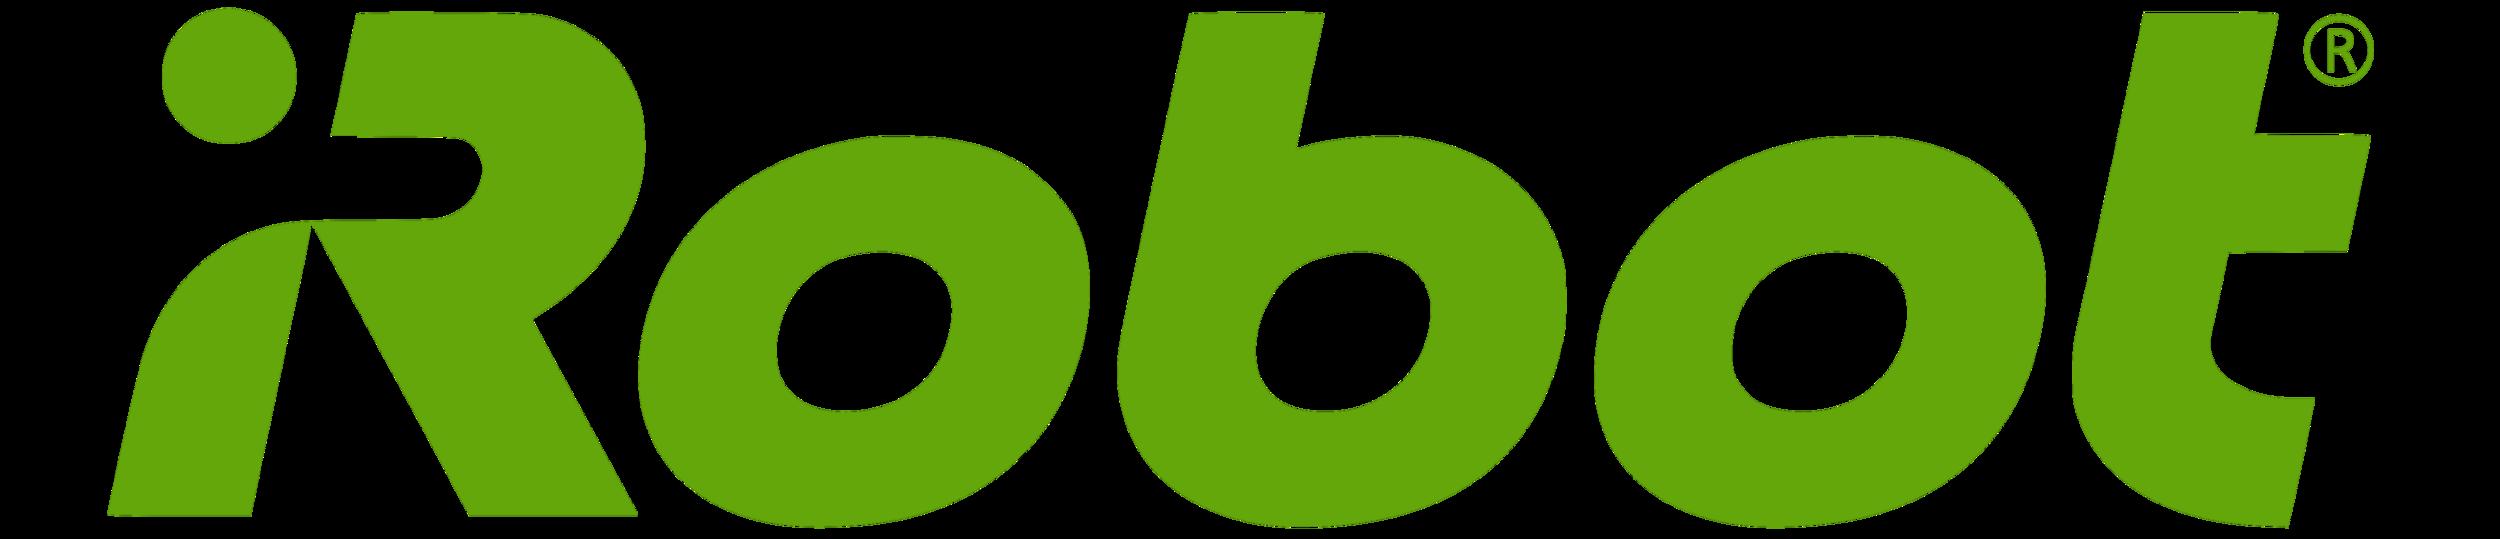 IRobot_logo_green.png